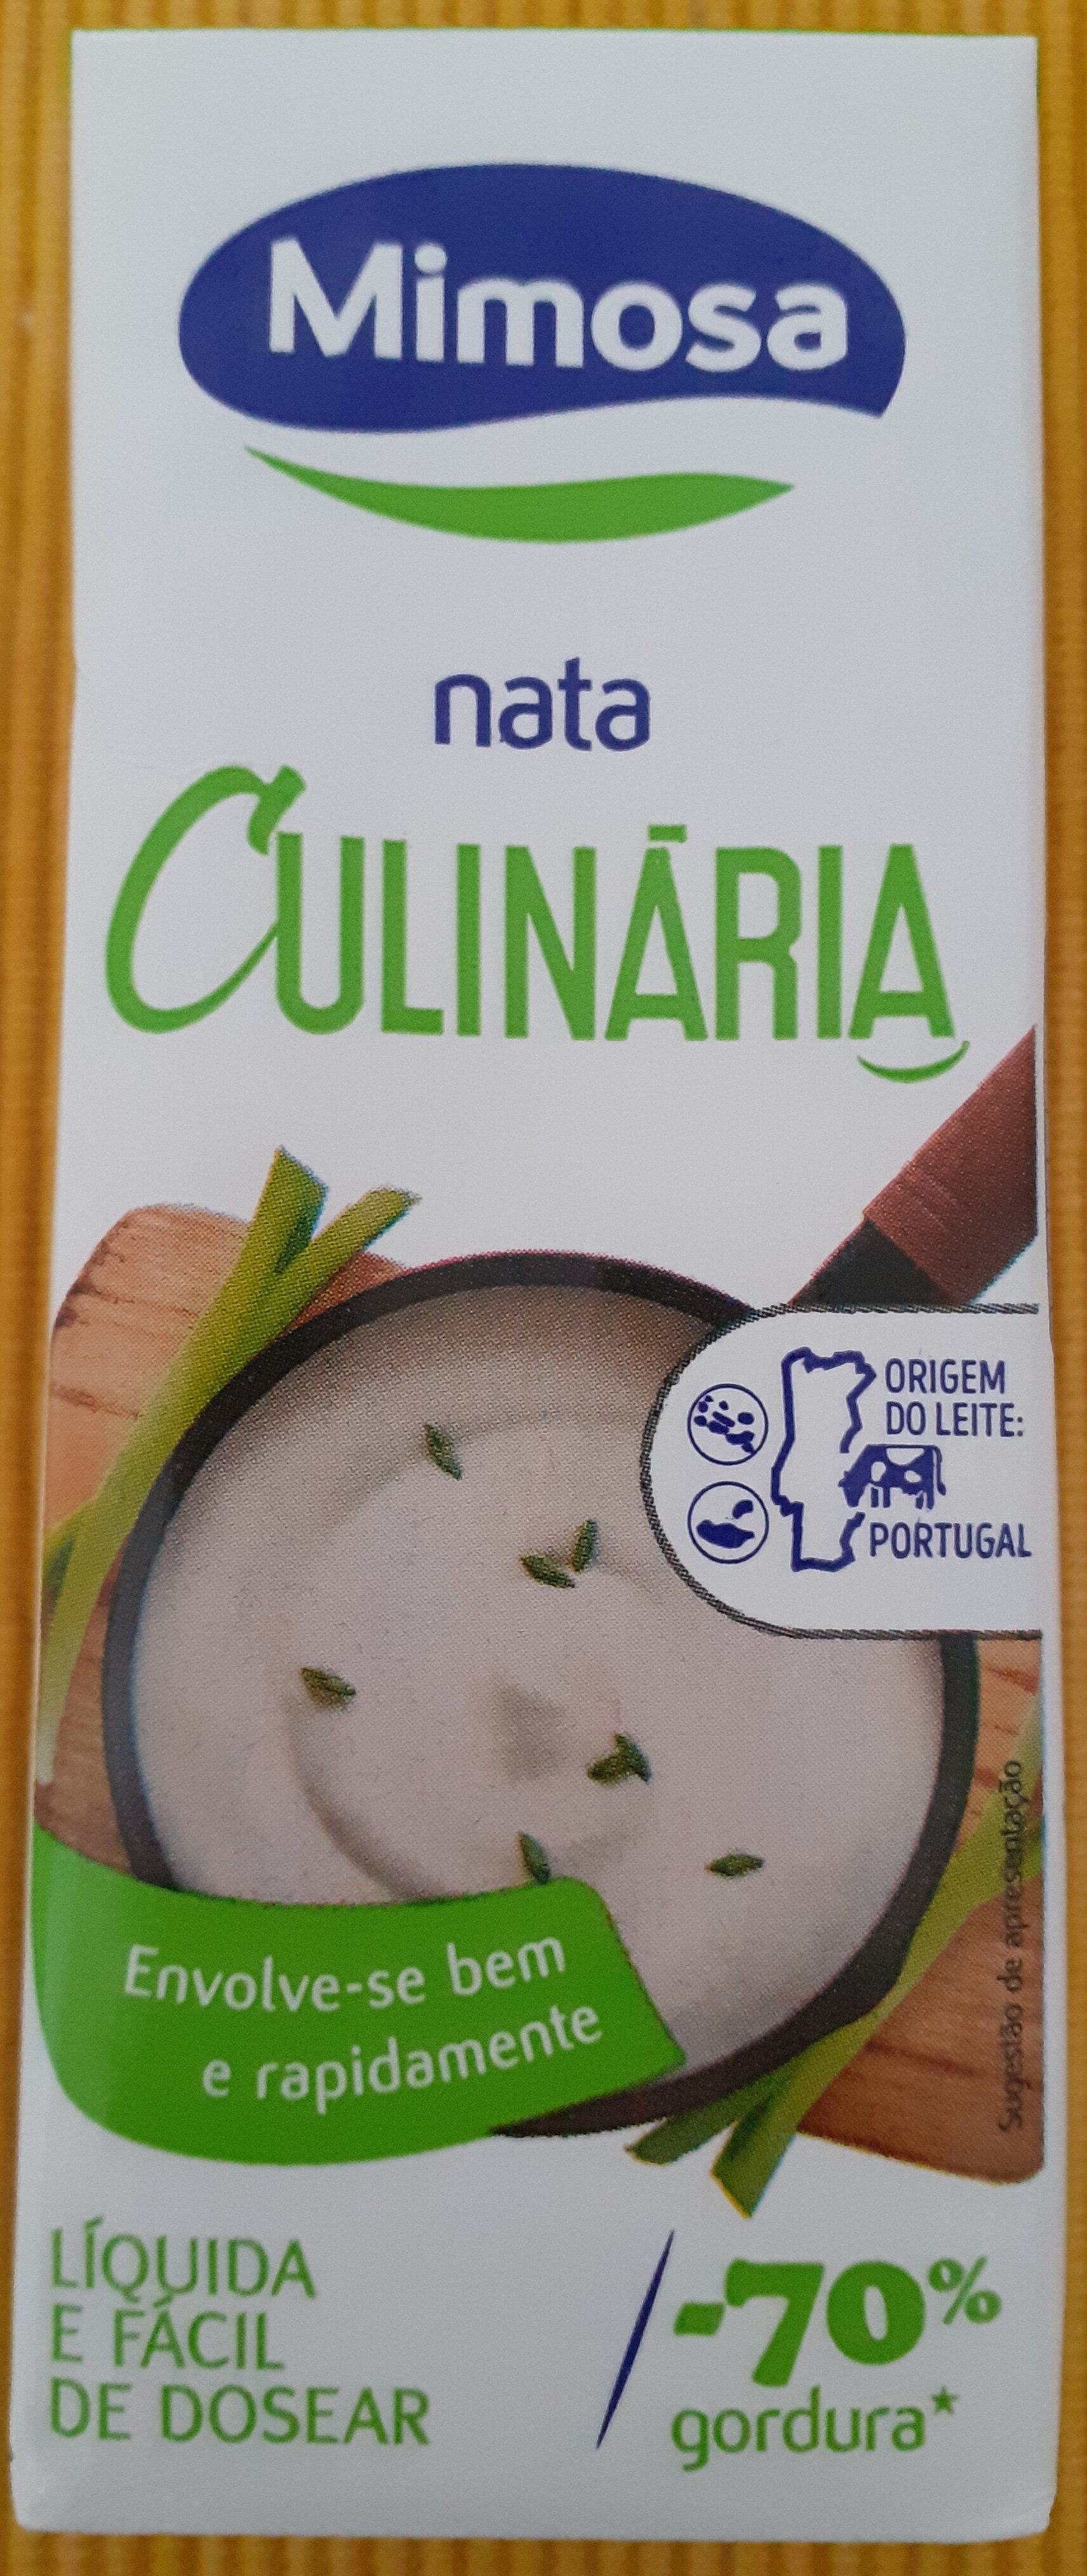 Nata culinária - Product - pt